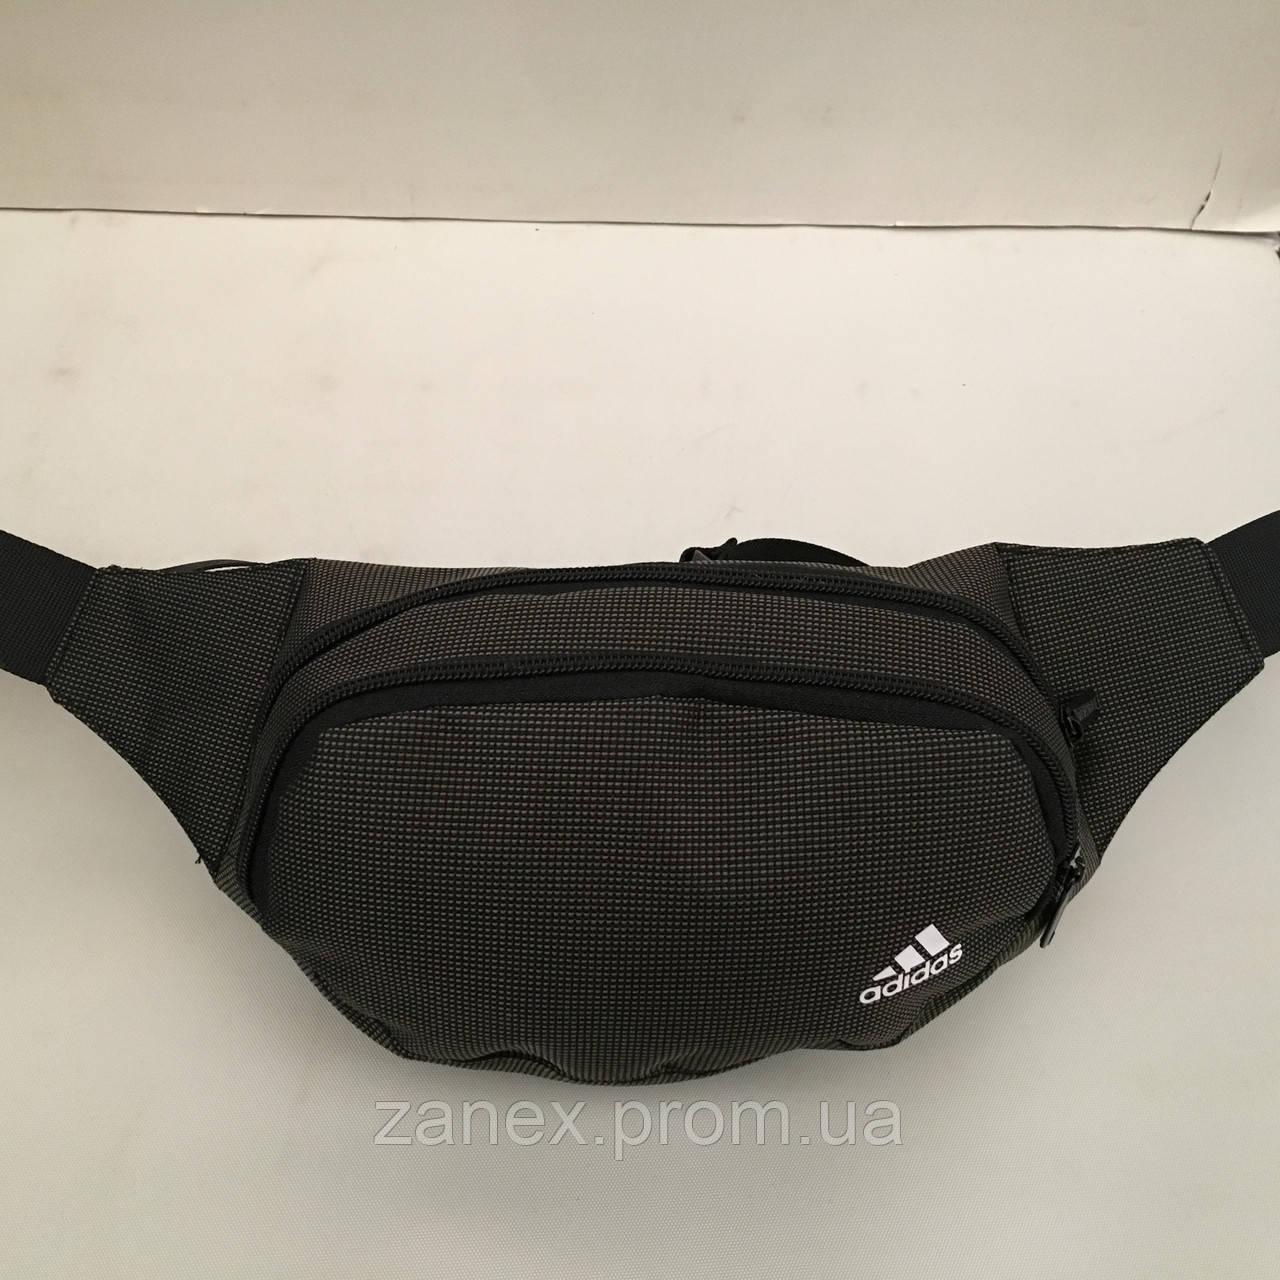 Поясная сумка черная Adidas 2 отделения (Бананка, Сумка на пояс, сумка на плечо)